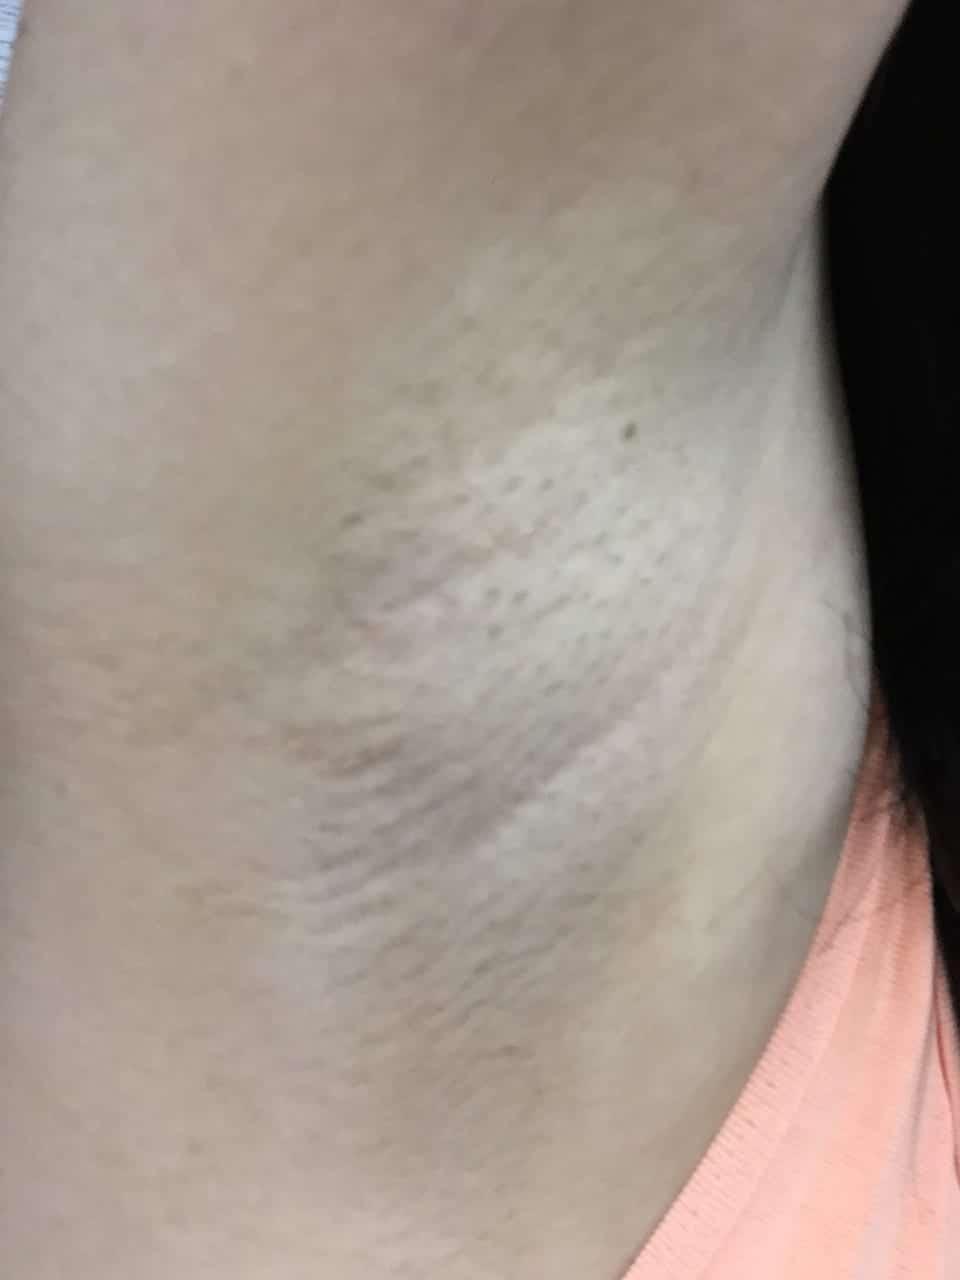 ワキ脱毛後の写真